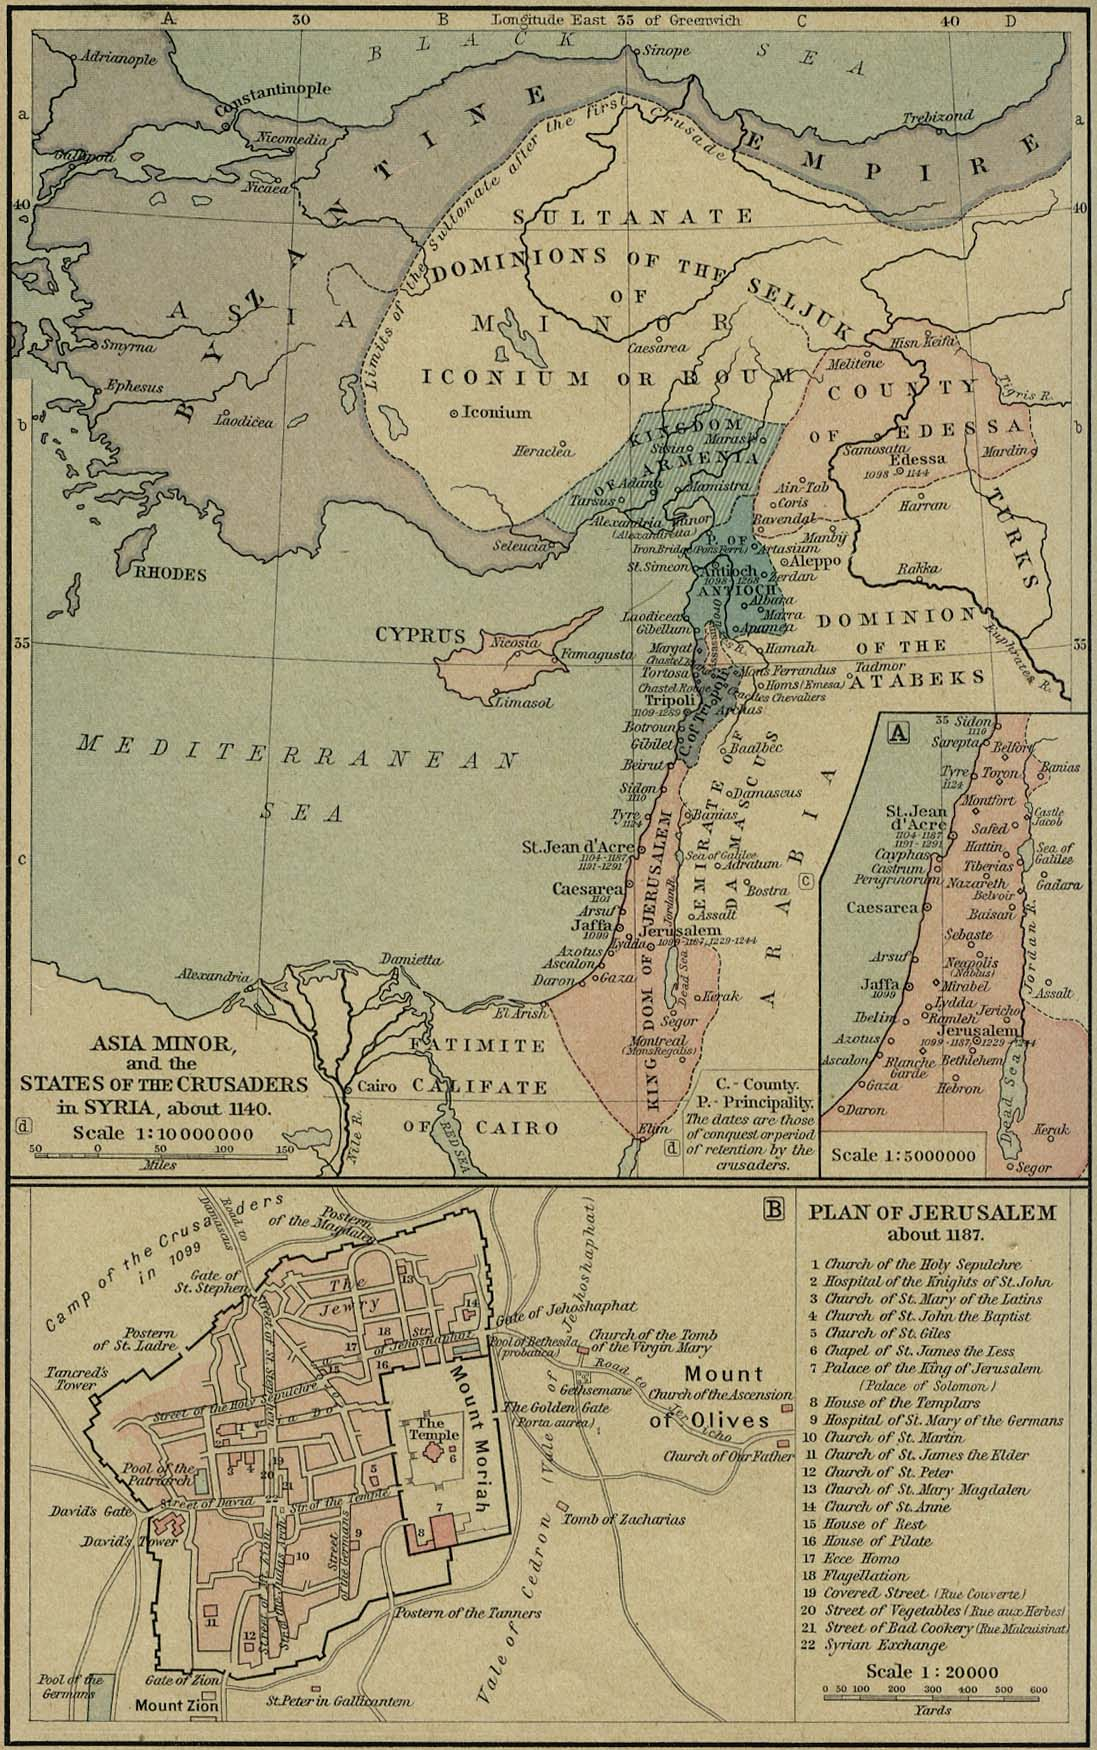 Asia Menor y los estados de los cruzados en Siria, circa 1140